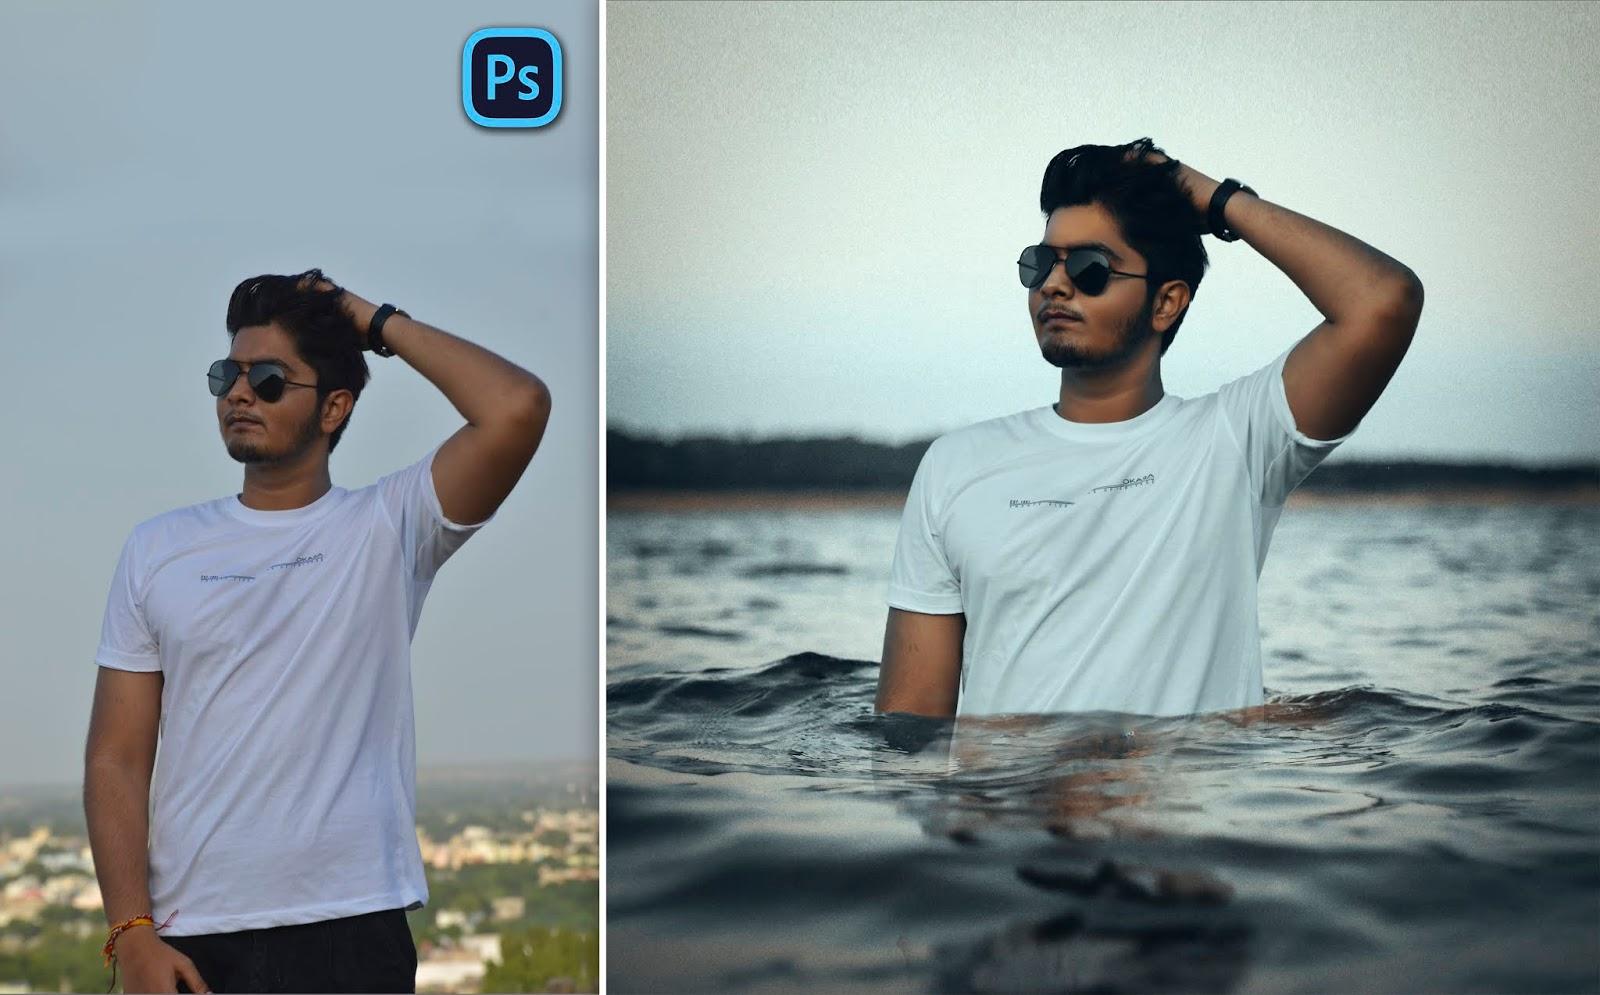 Toni Mahfud Style | Boy on Ocean Photo Manipulation in Photoshop cc | How to Edit Like Toni Mahfud